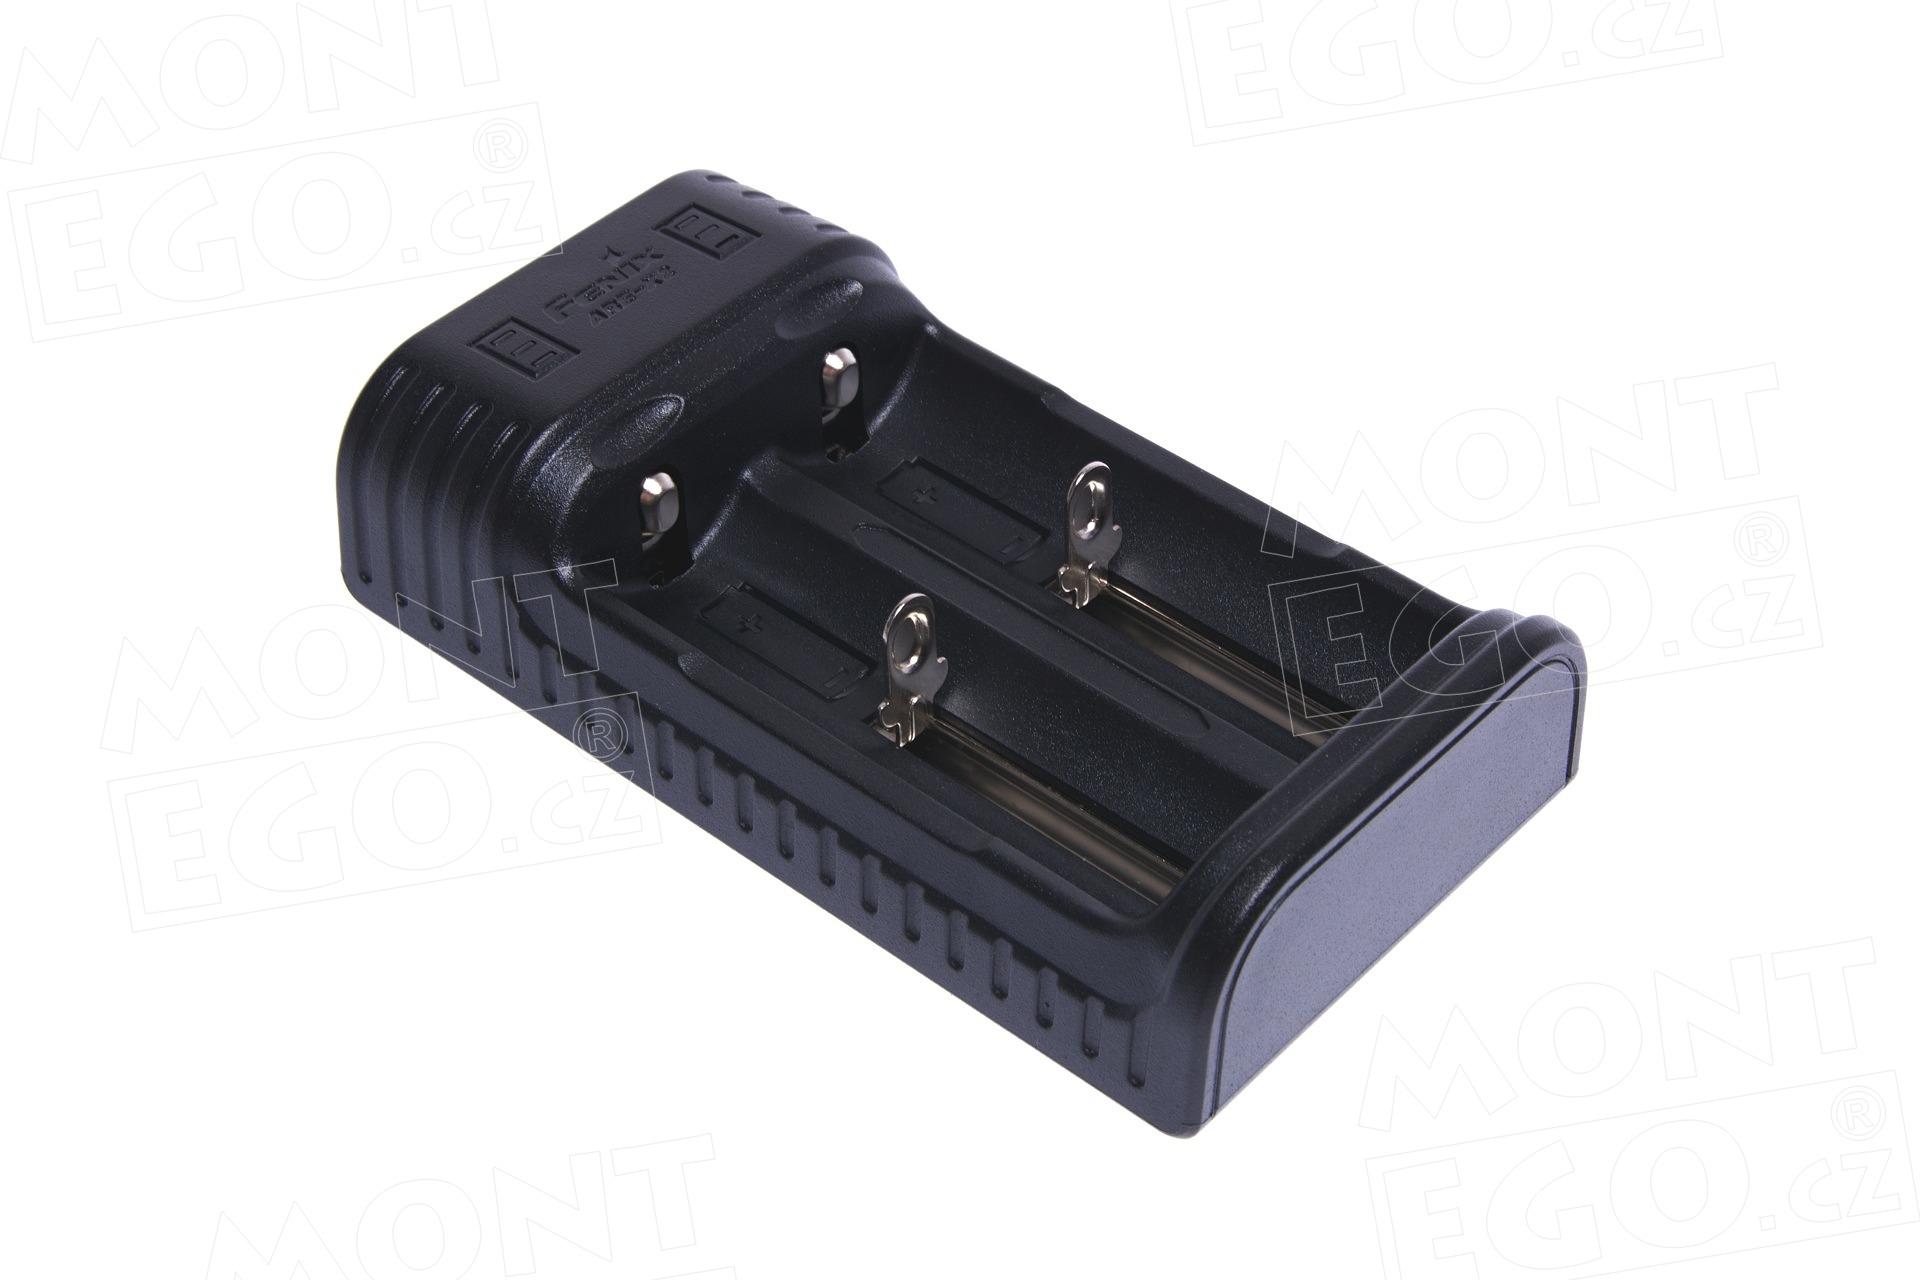 USB nabíječka Fenix ARE-X2 pro Li-ion i NiMH baterie s funkcí power banky